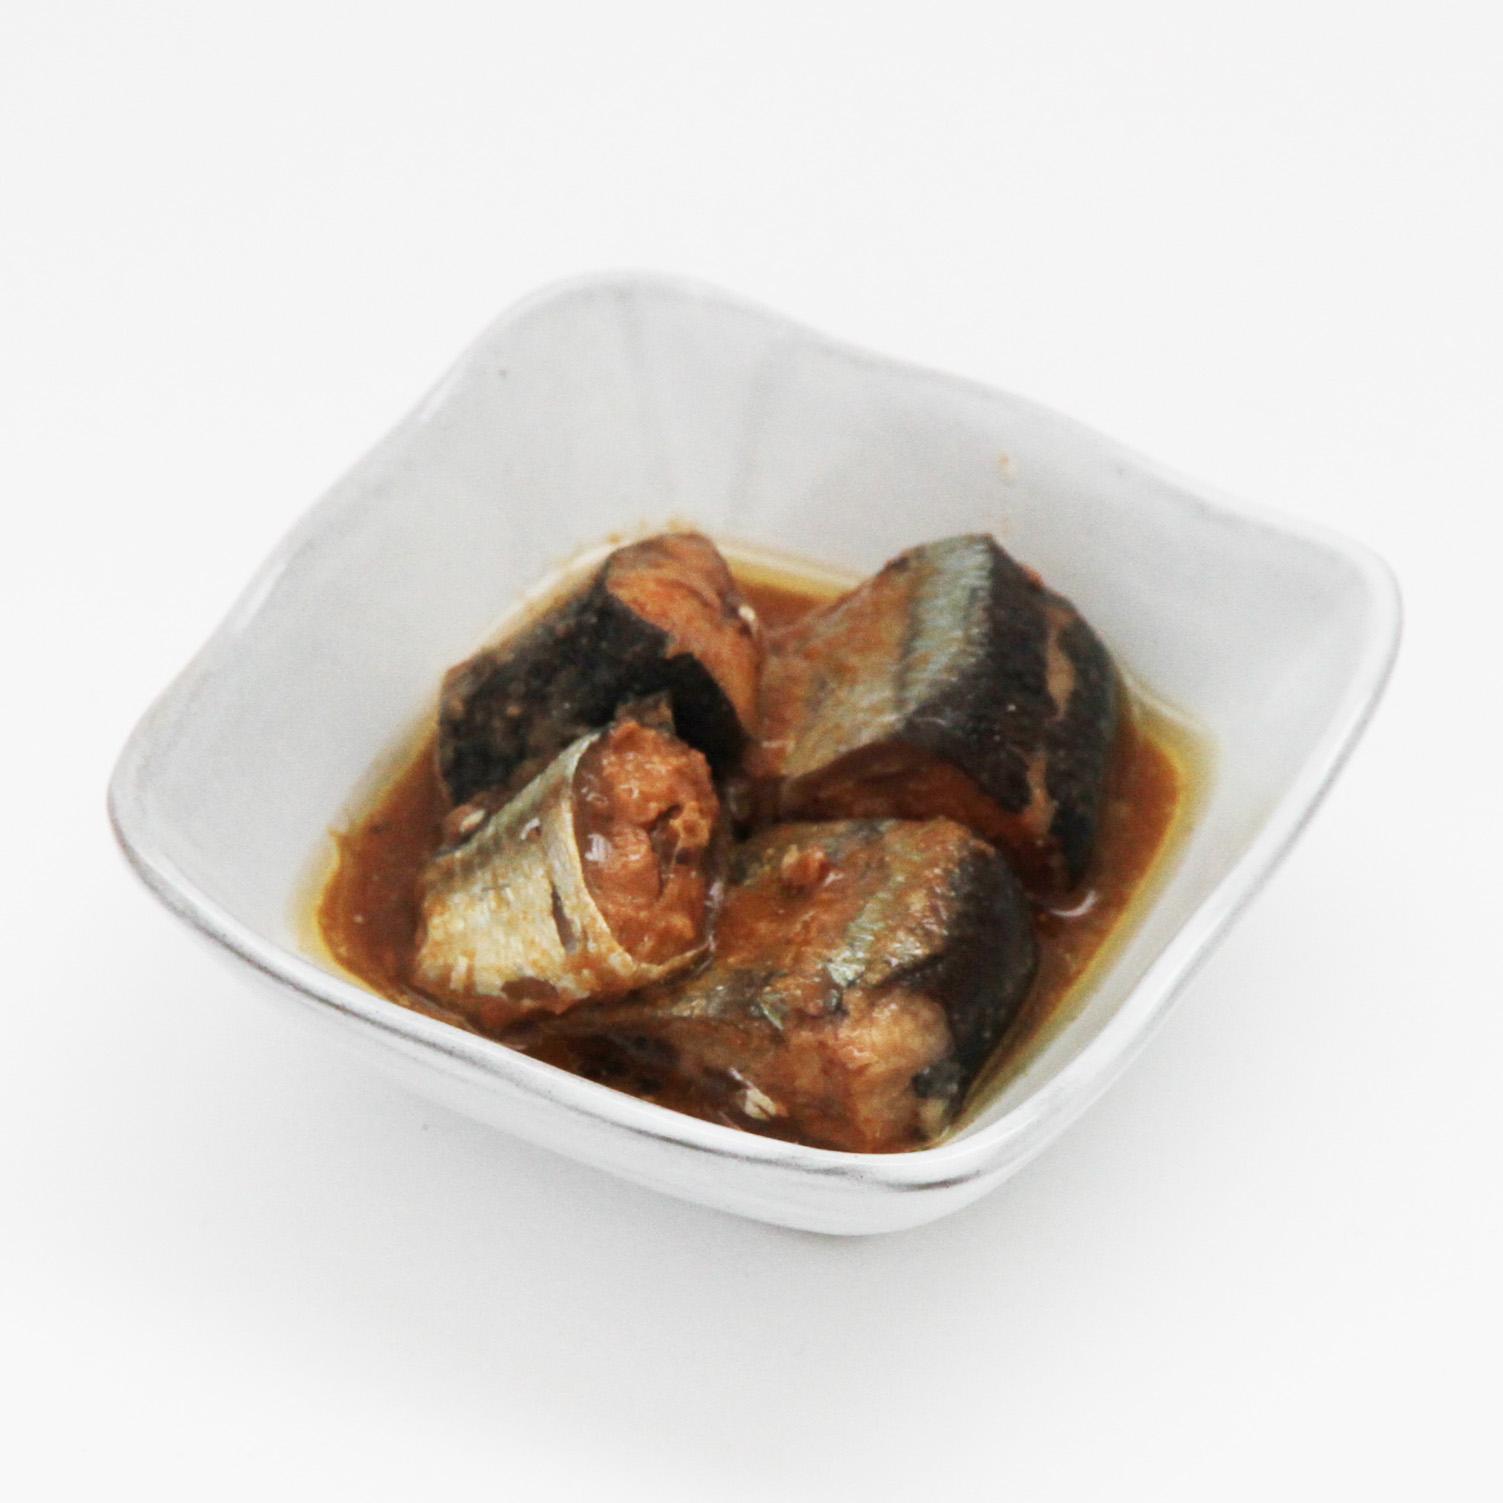 お皿にのせたさんま缶詰(味噌甘辛煮)